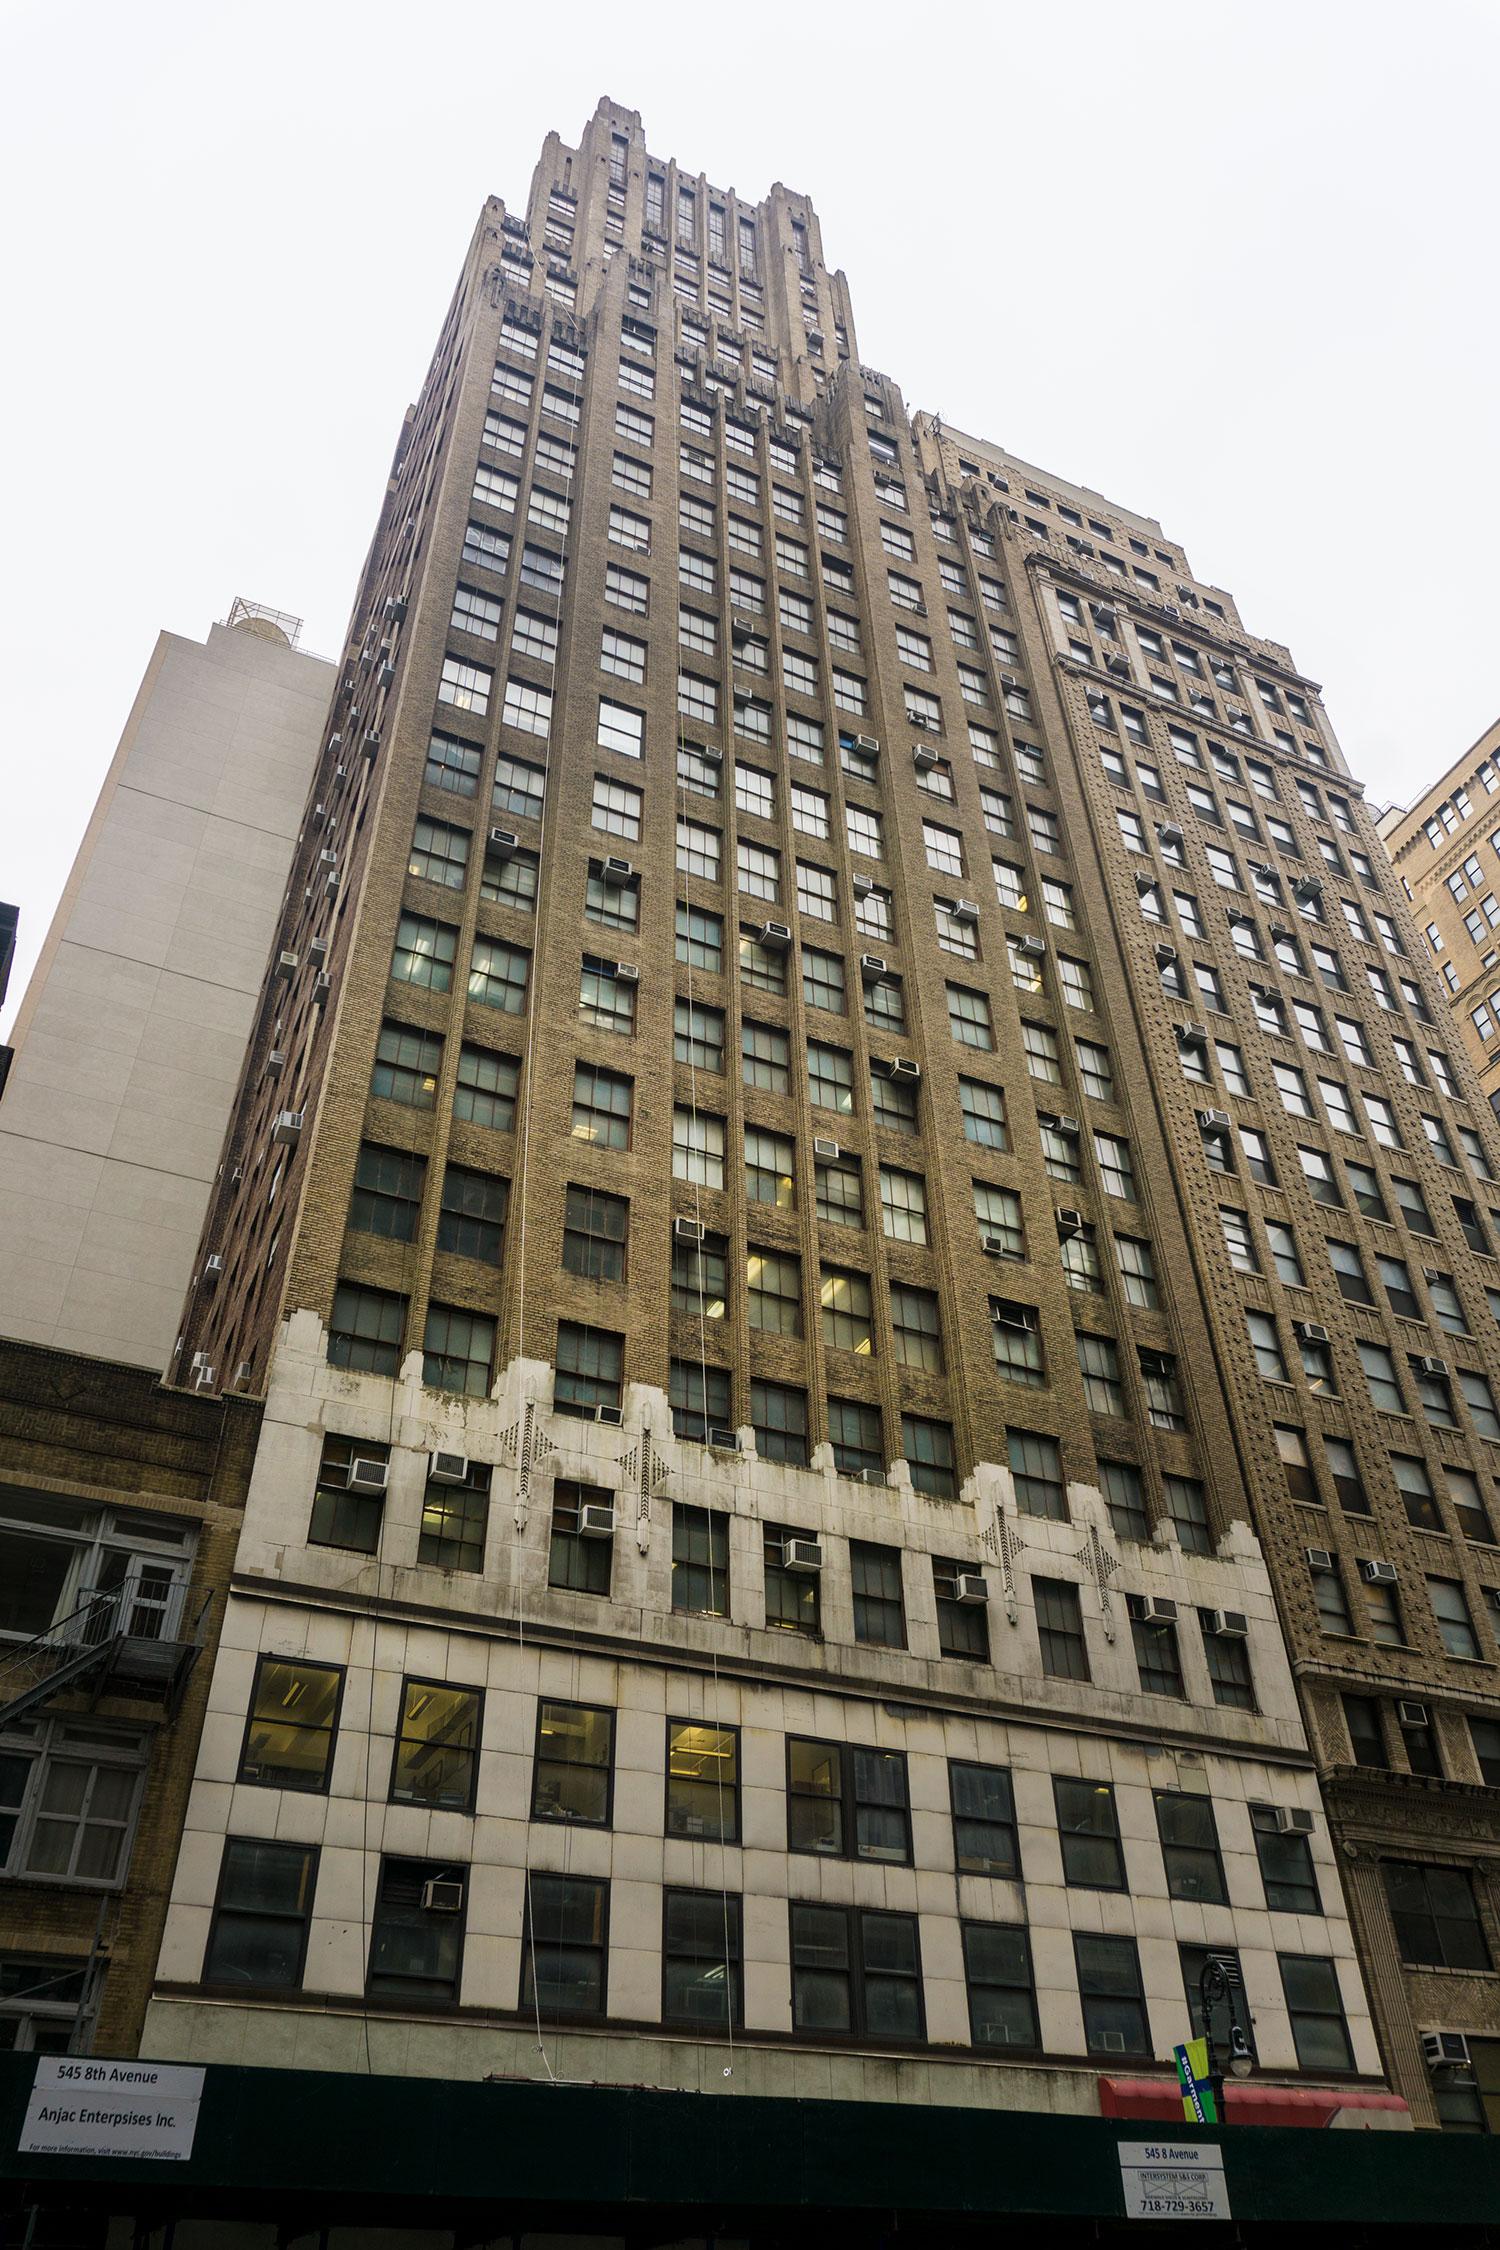 545 8th avenue -